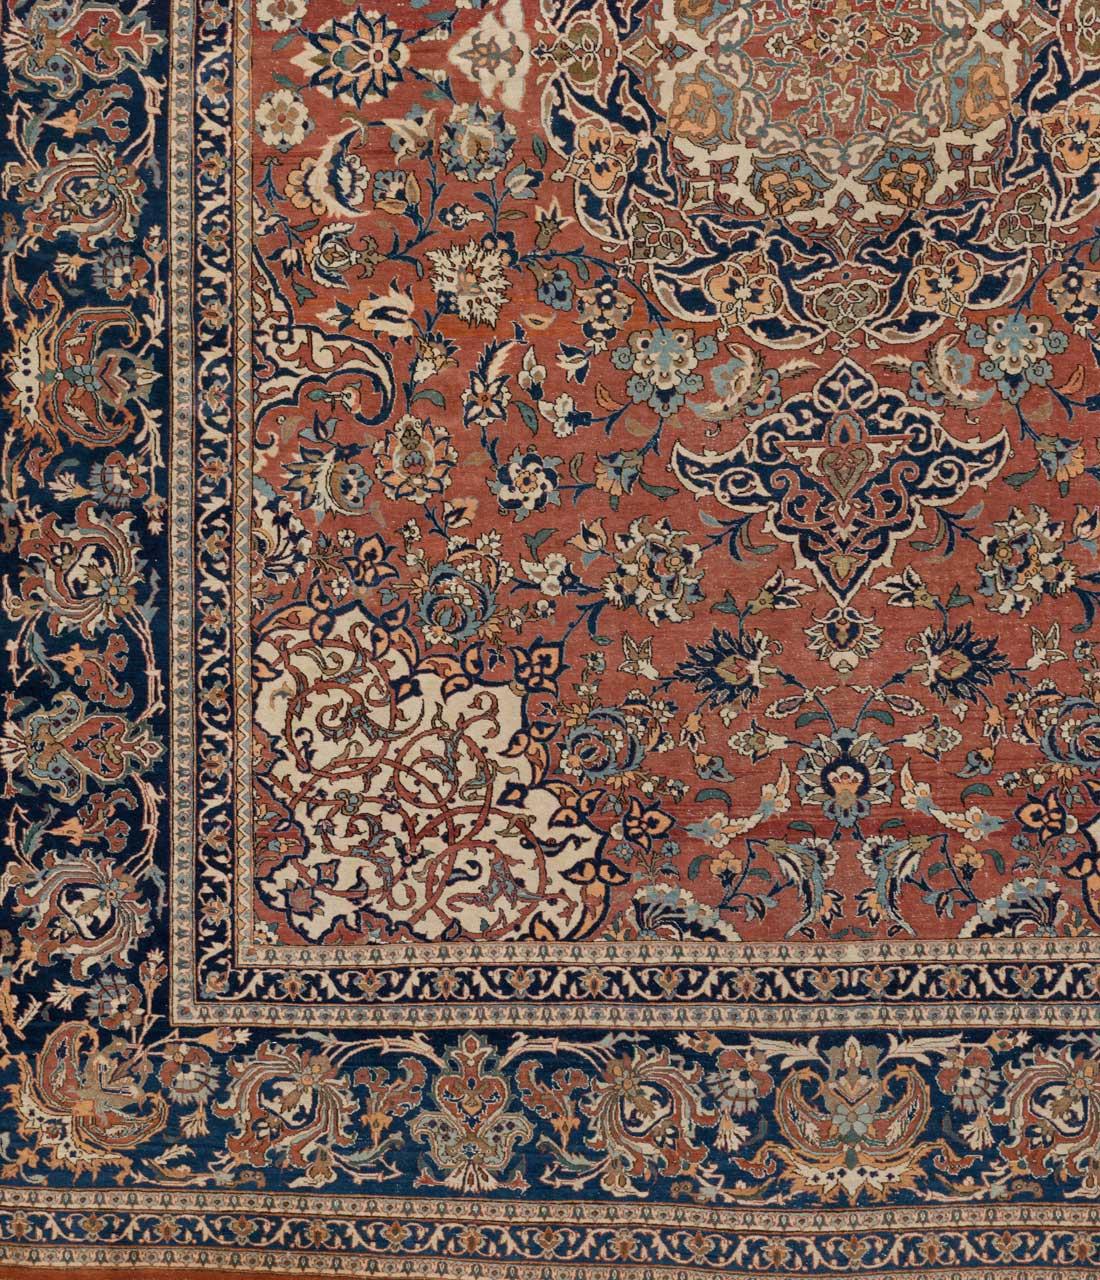 essfahan persien gr sse 330 cm x 250 cm derteppich. Black Bedroom Furniture Sets. Home Design Ideas